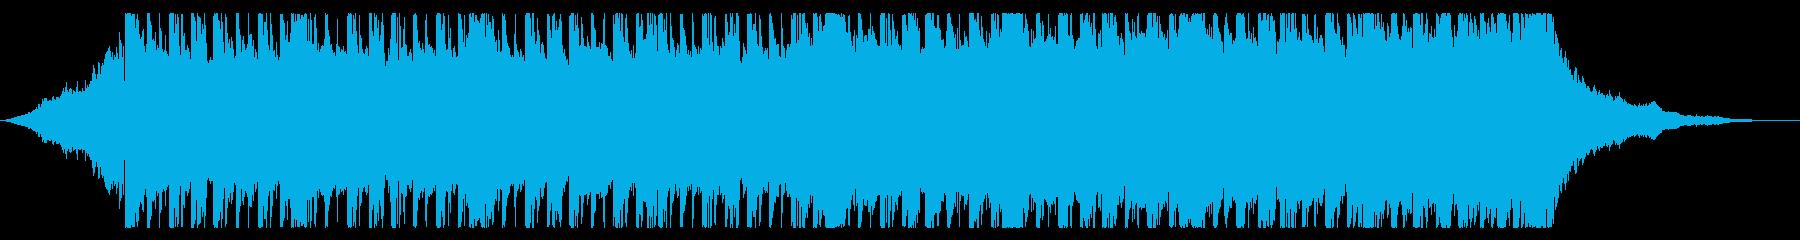 少しスローテンポでロックなBGMの再生済みの波形